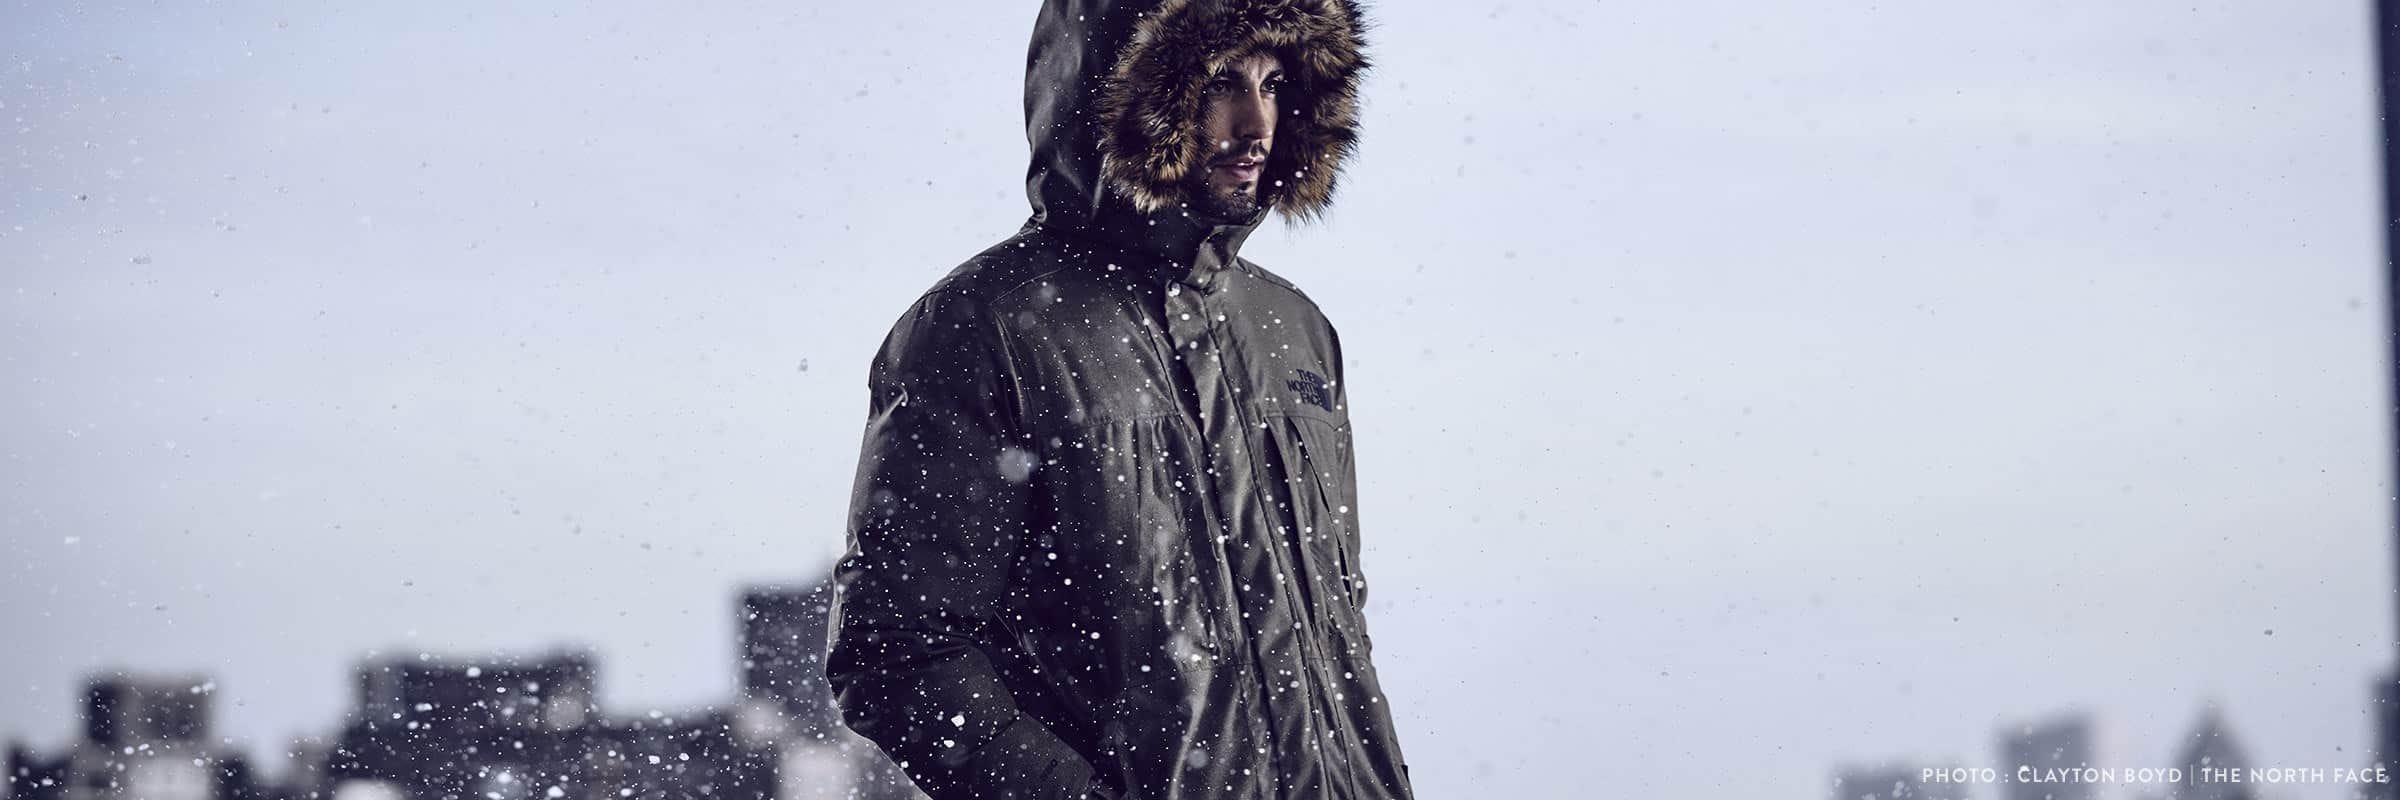 Arc'teryx, Canada Goose, Mackage, Nobis, Quartz Co., The North Face. Manteaux pour hommes les plus populaires